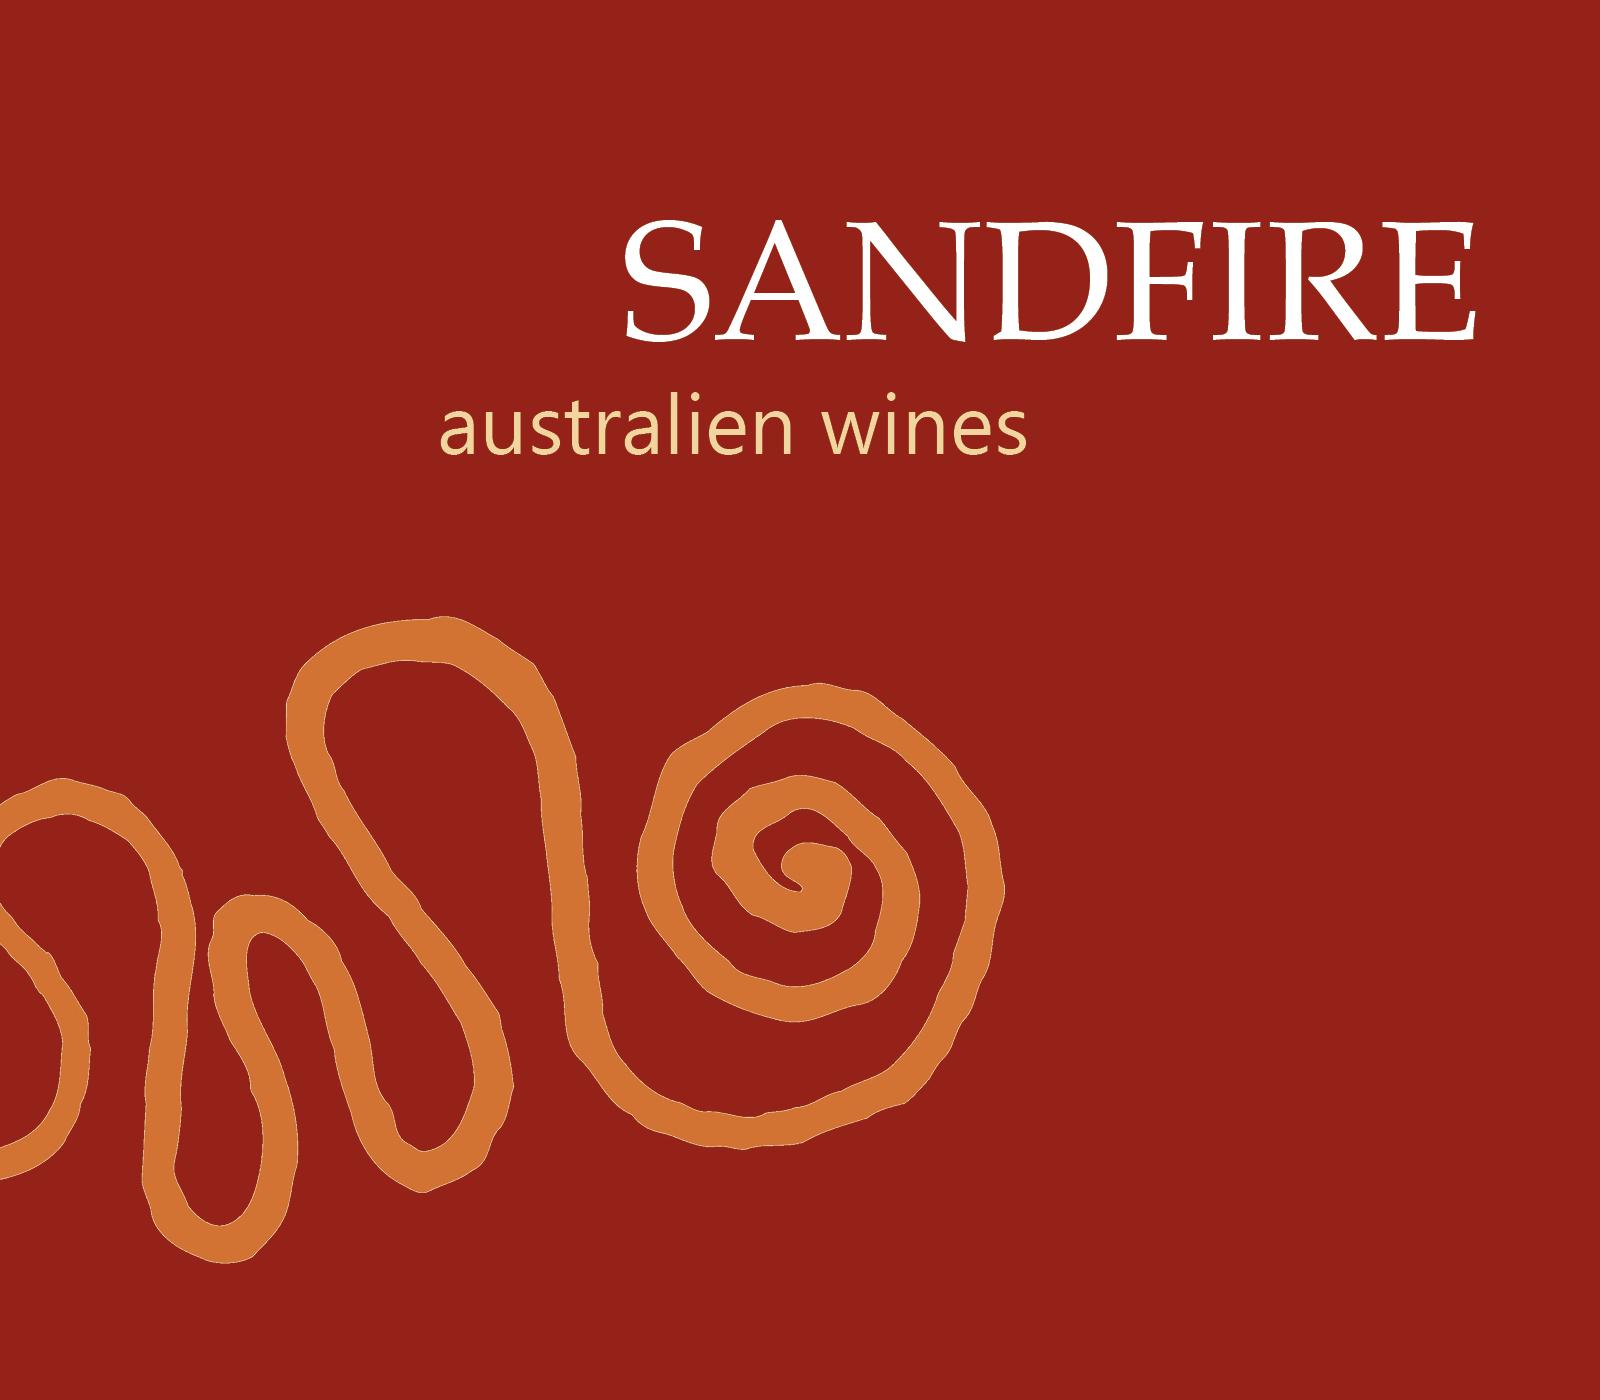 konzept27-referenzen-sandfirewines